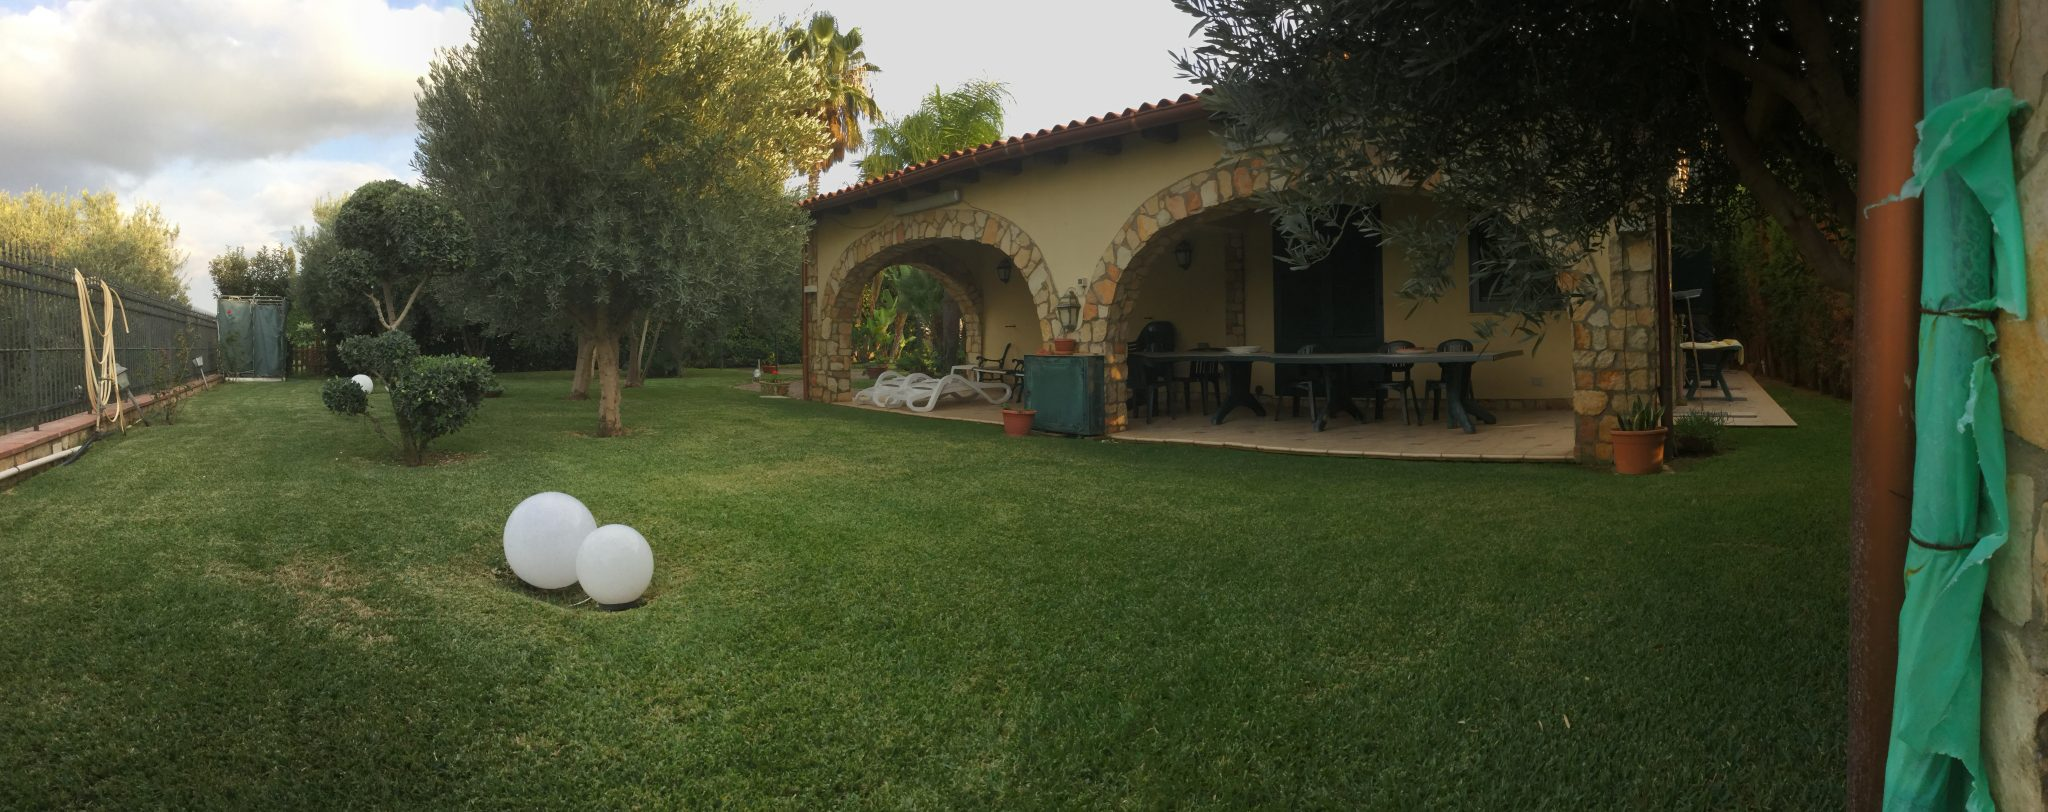 073  - Villa in contrada Mazzaforno- Settefrati, Cefalù.